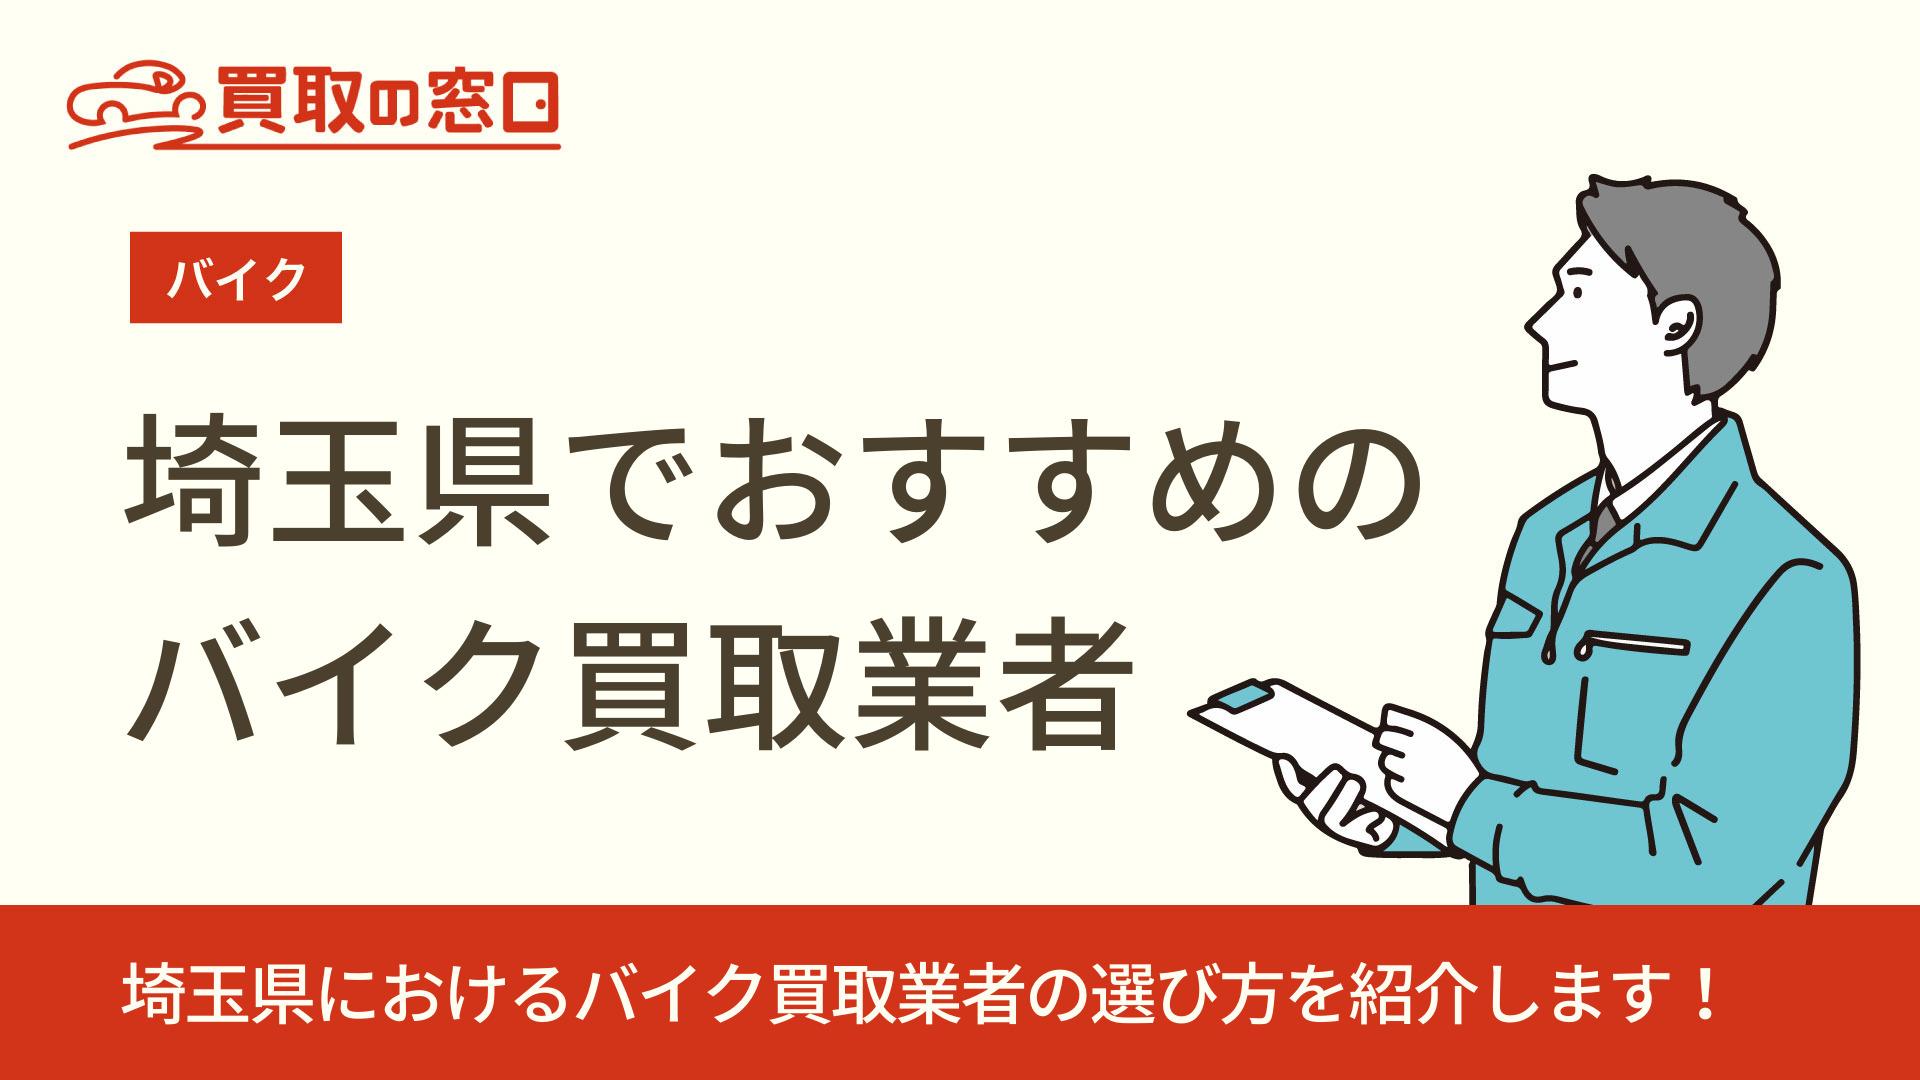 埼玉でバイク買取を依頼するならどこ?おすすめ業者を地域別に紹介